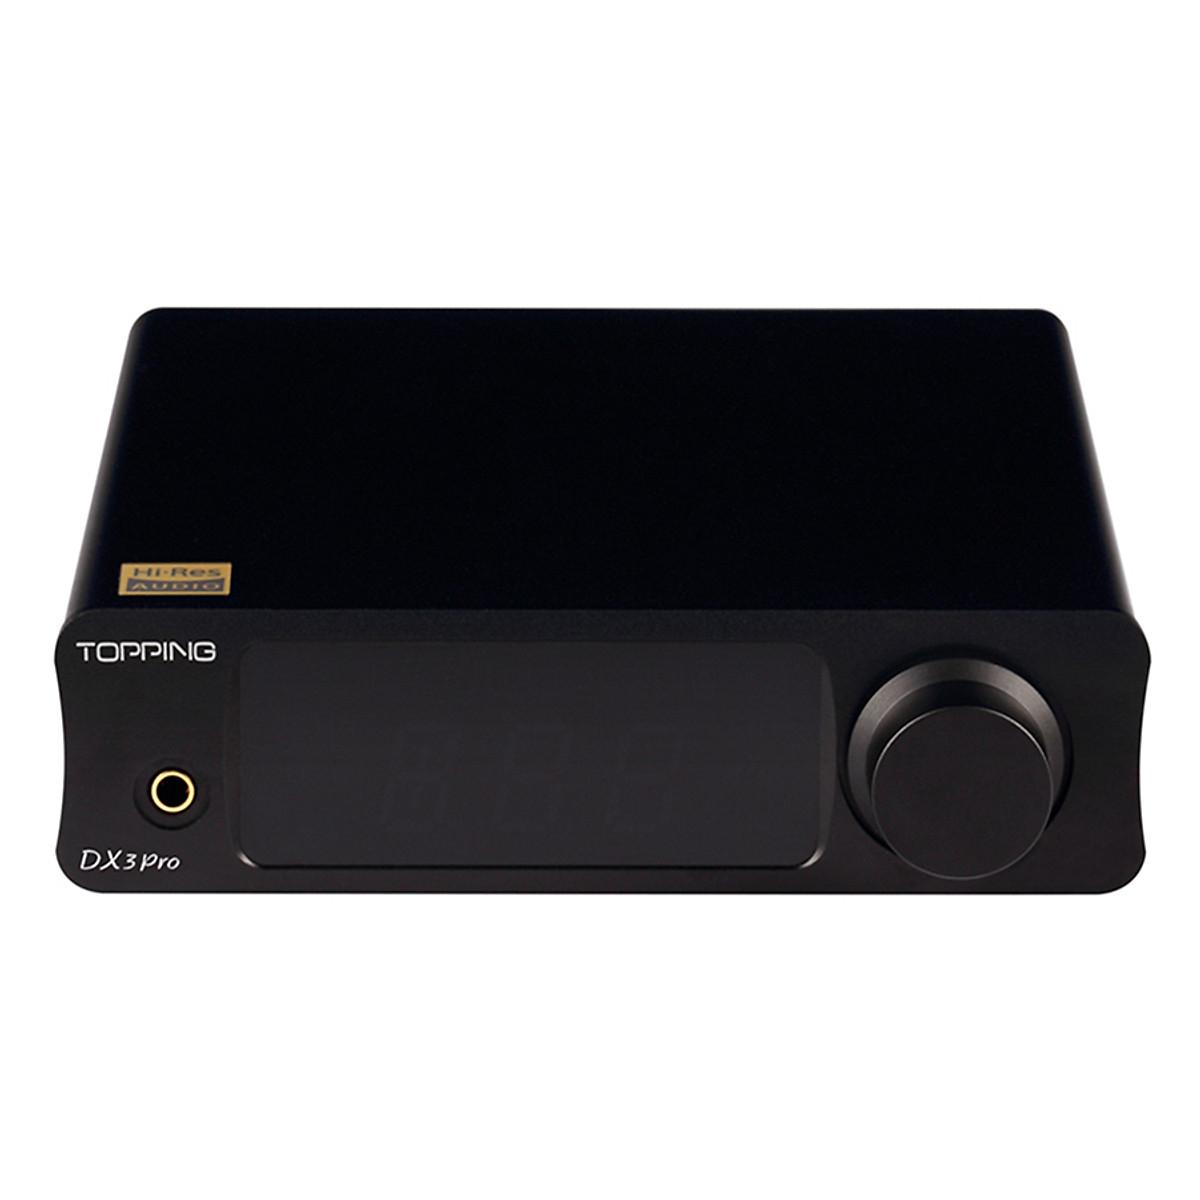 Thiết bị DAC/AMP Cao Cấp Topping DX3 Pro DAC/Amp Bluetooth - Hàng Chính Hãng